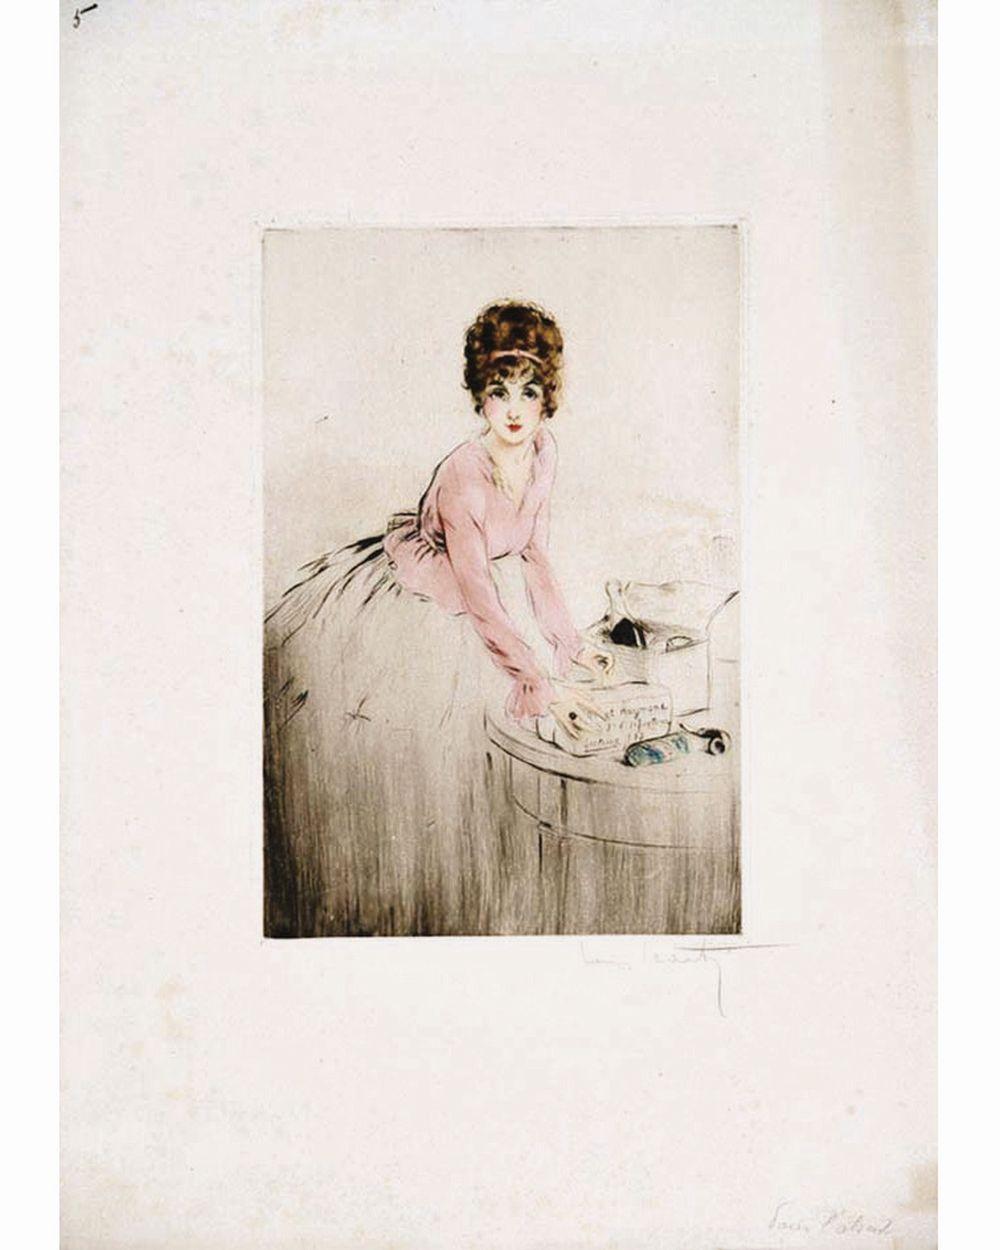 ICART LOUIS - Champagne pour L'Absent  gravure signée de Louis Icart     vers 1917